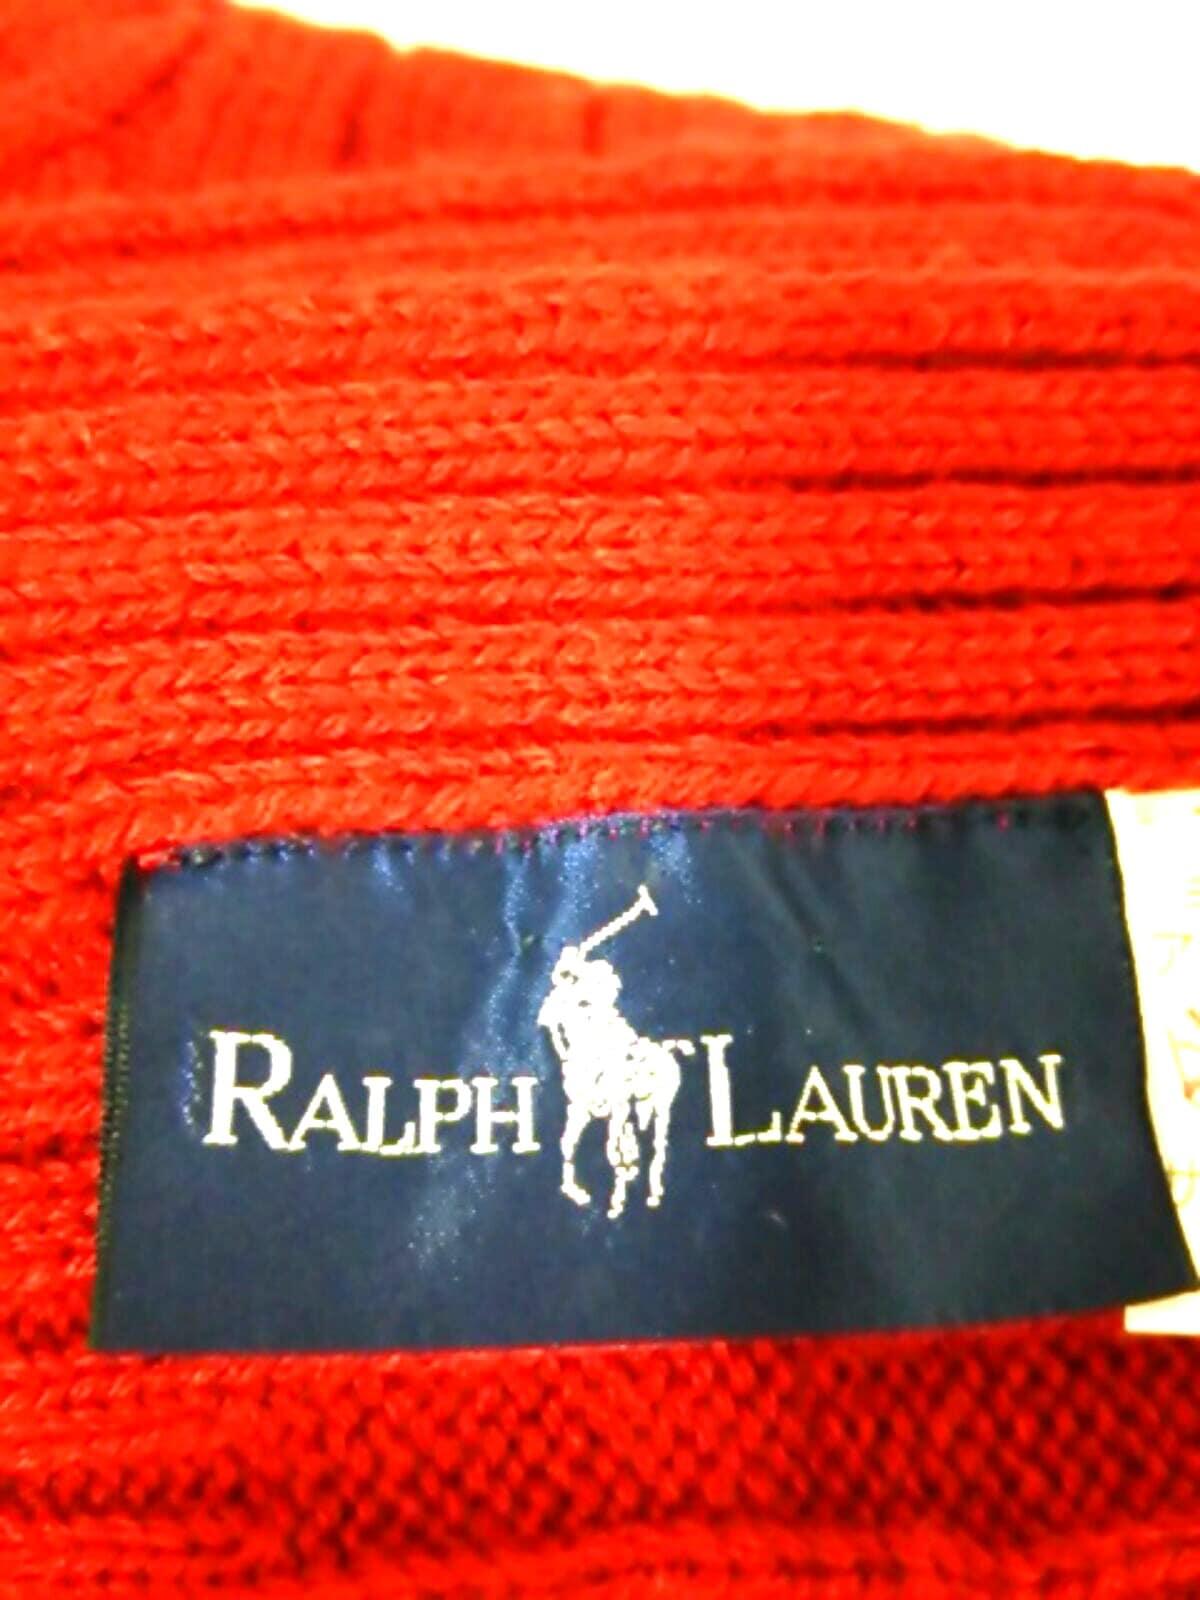 RalphLauren(ラルフローレン)の小物